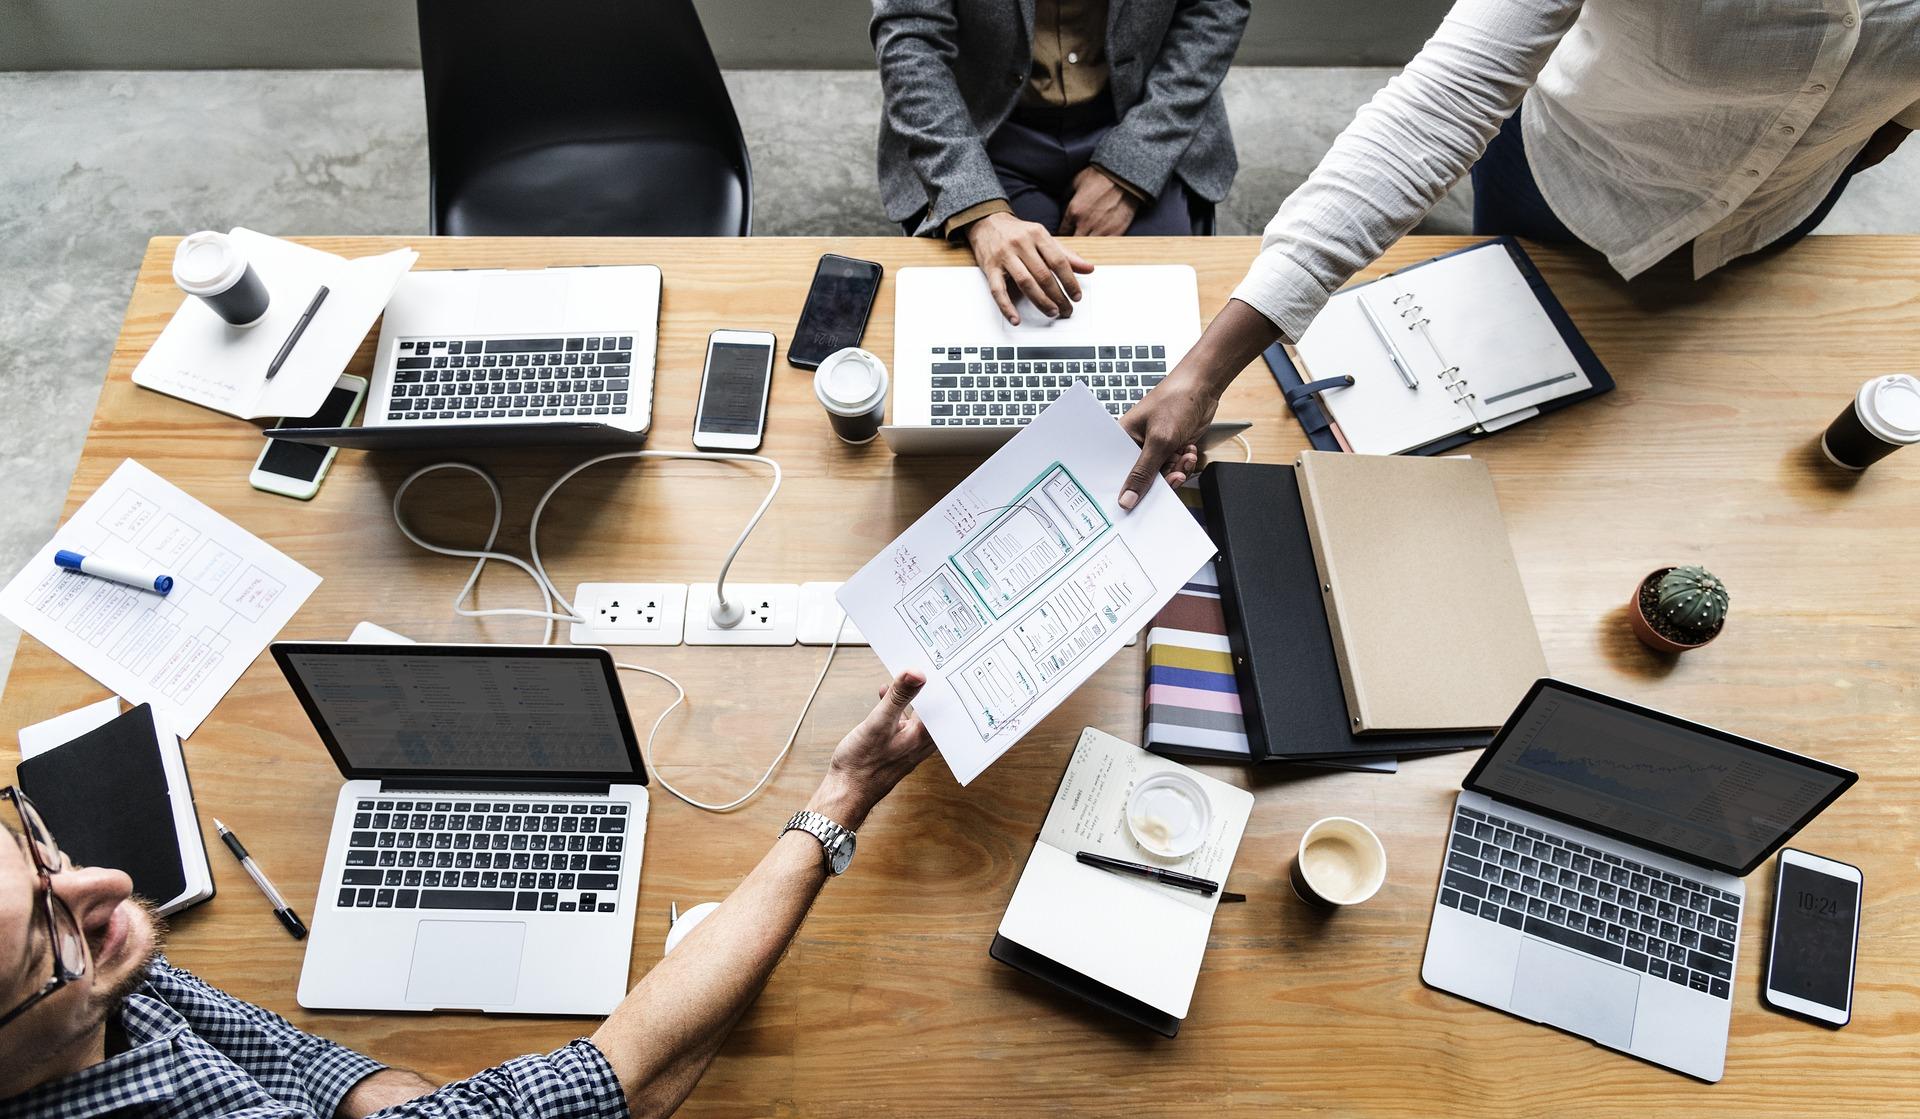 Tipos de Publicidad Gratuita y Estrategias de Marketing para su Negocio en Internet